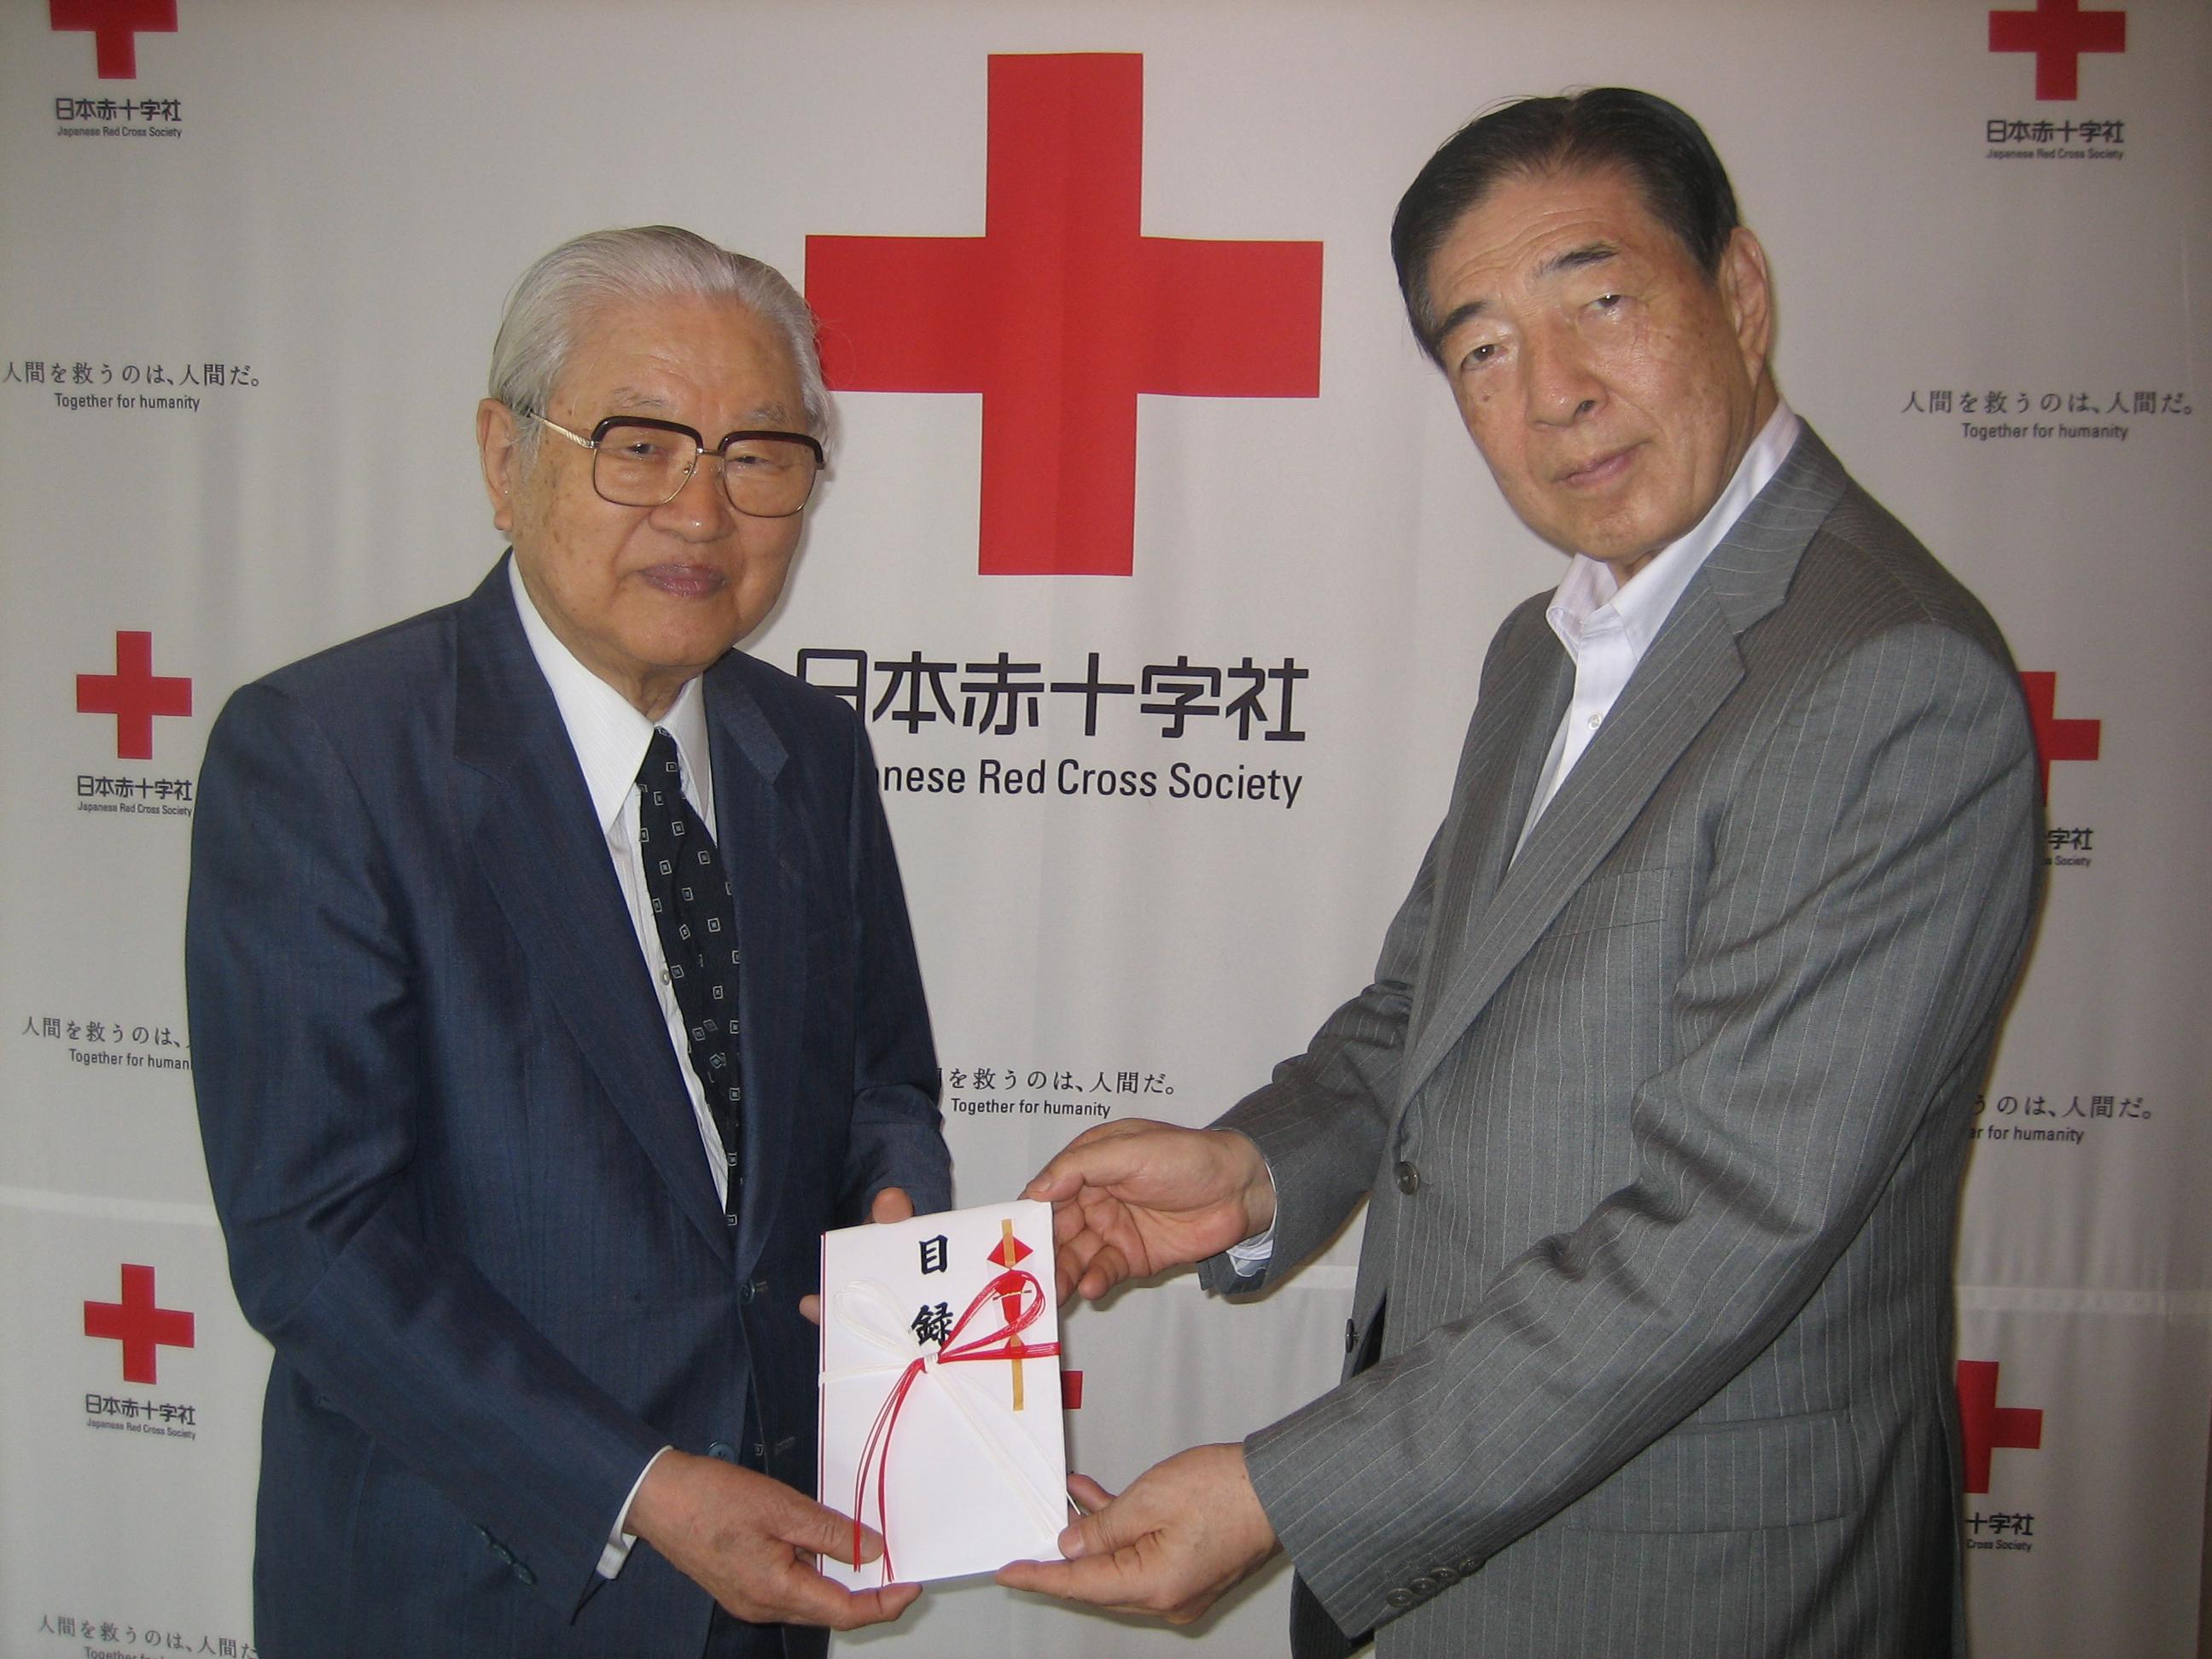 La Universidad de Salamanca entrega 5.000 euros a Cruz Roja Japón como ayuda a los damnificados por el terremoto